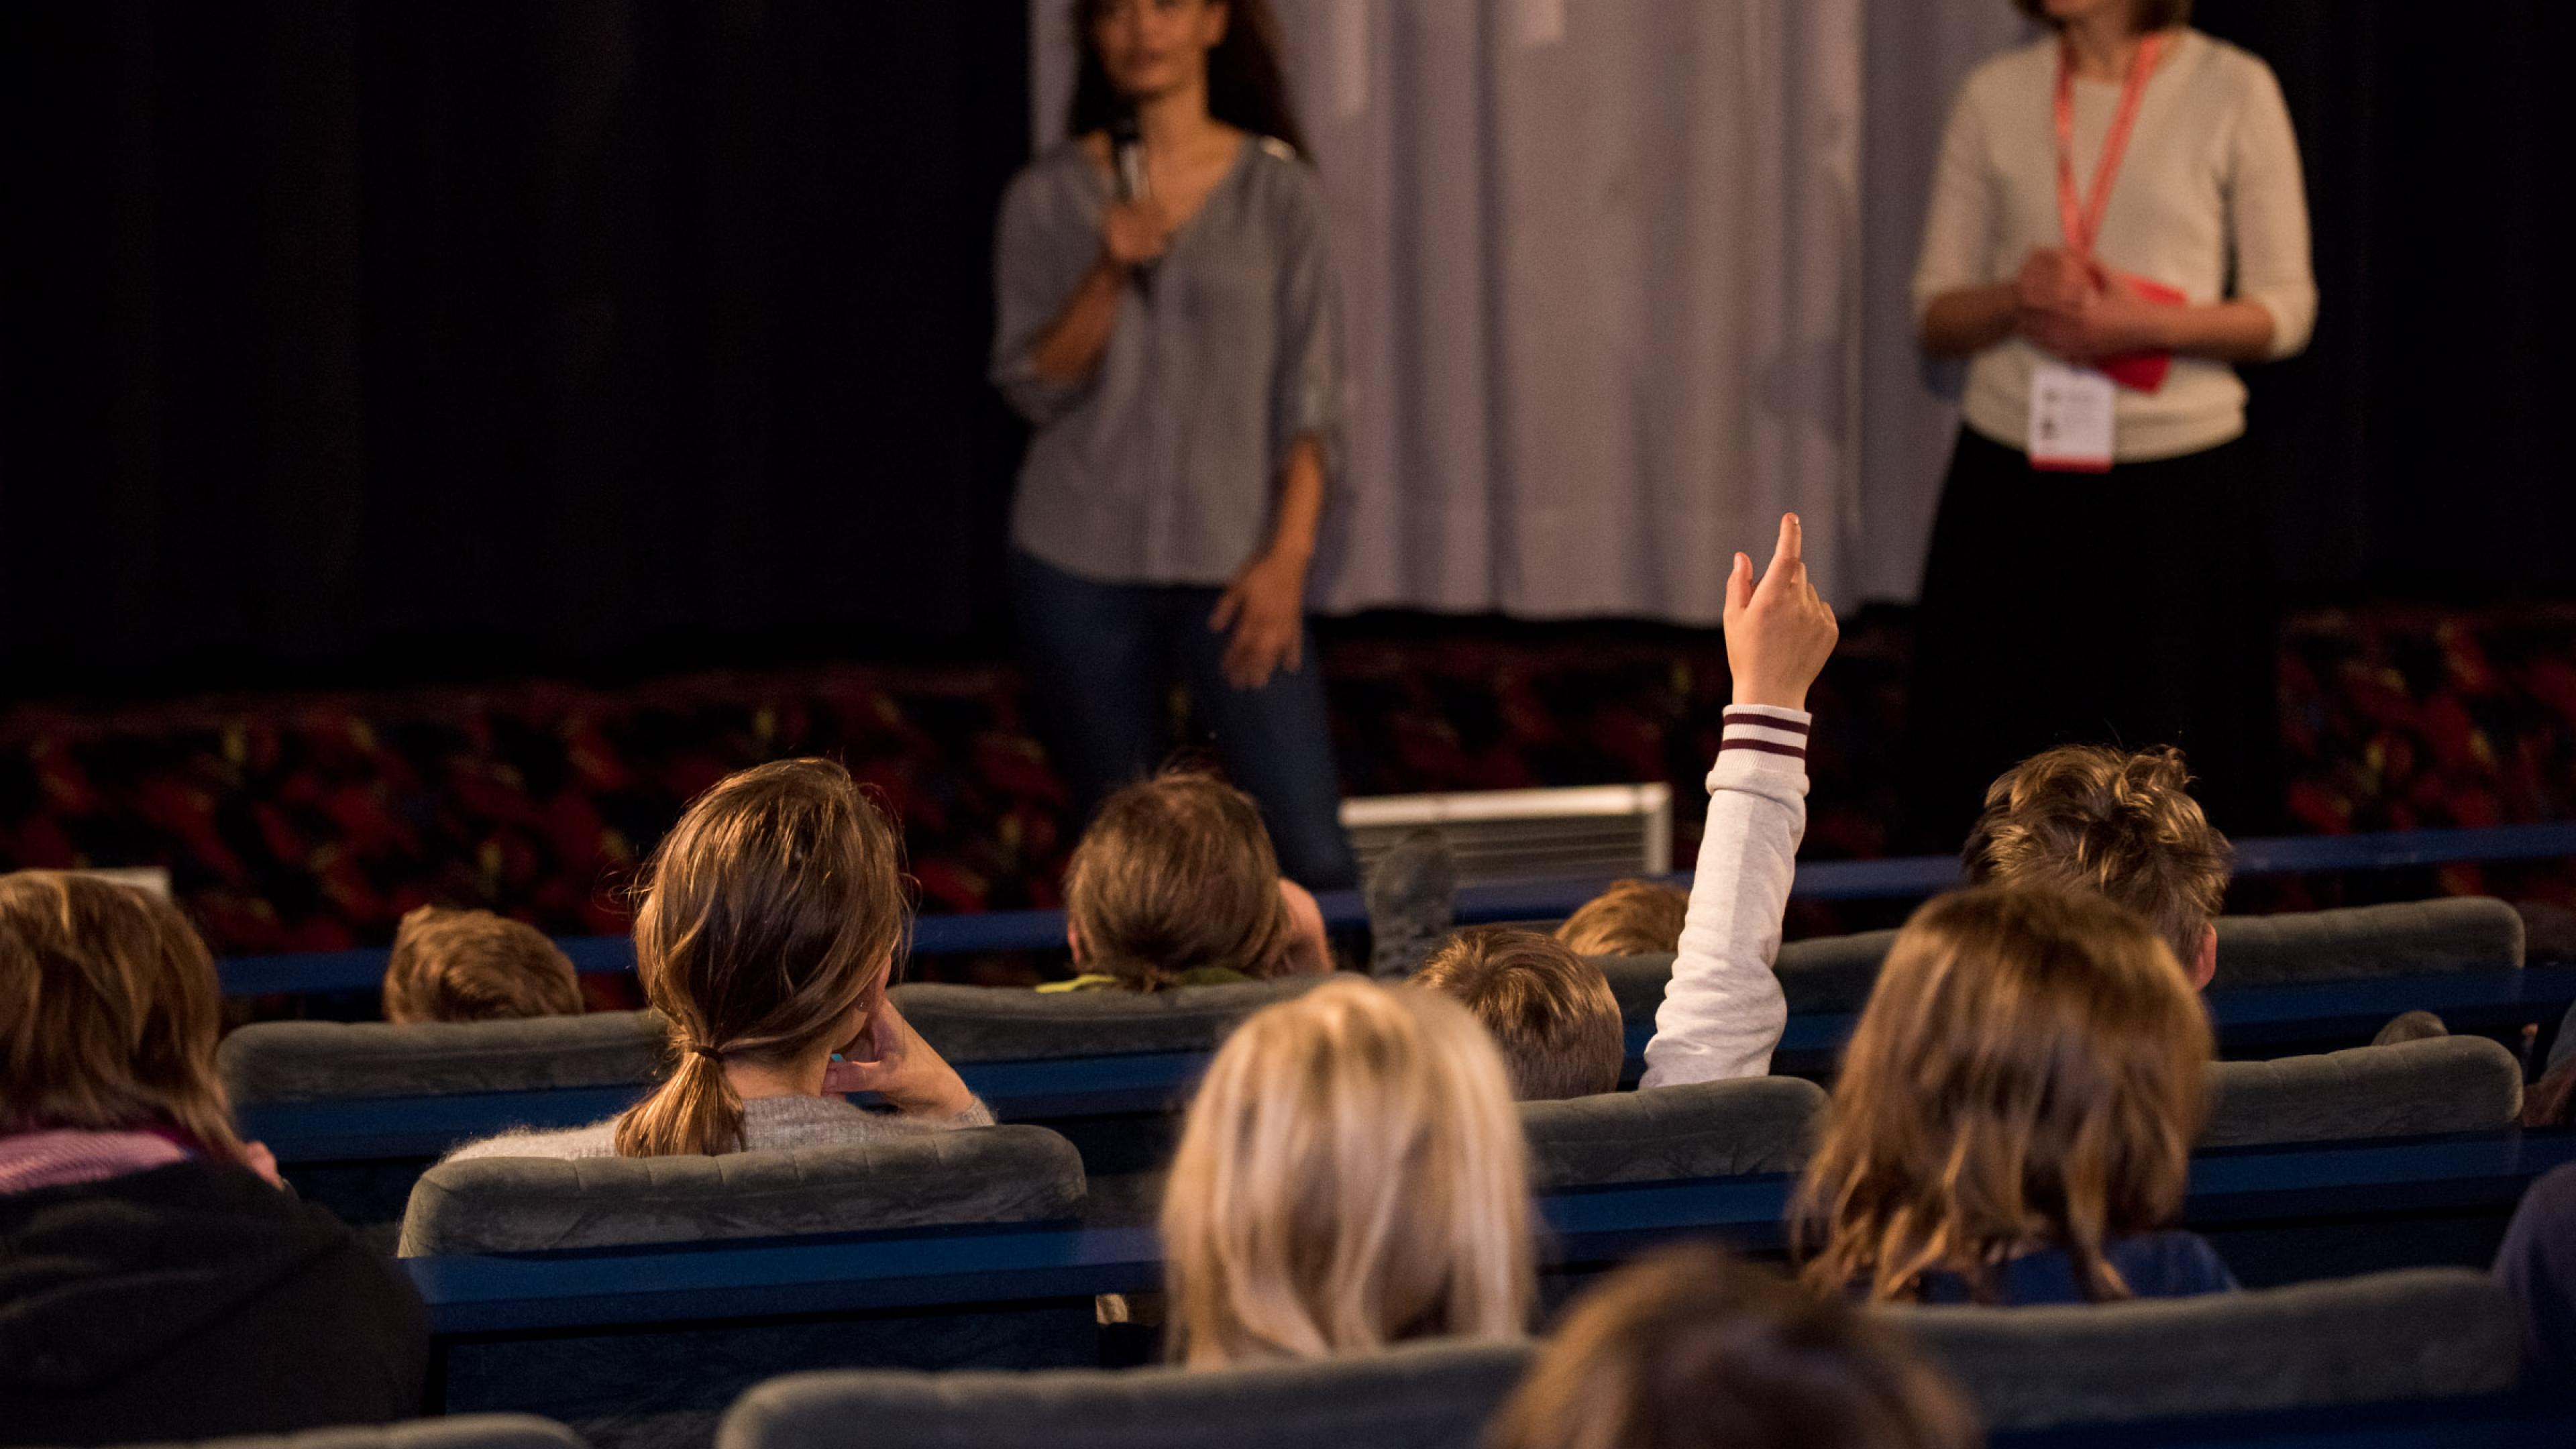 Blick von hinten über die Zuschauerreihen in einem Kinosaal, vorne bei der Leinwand  stehen zwei Frauen mit Mikrofon in der Hand.